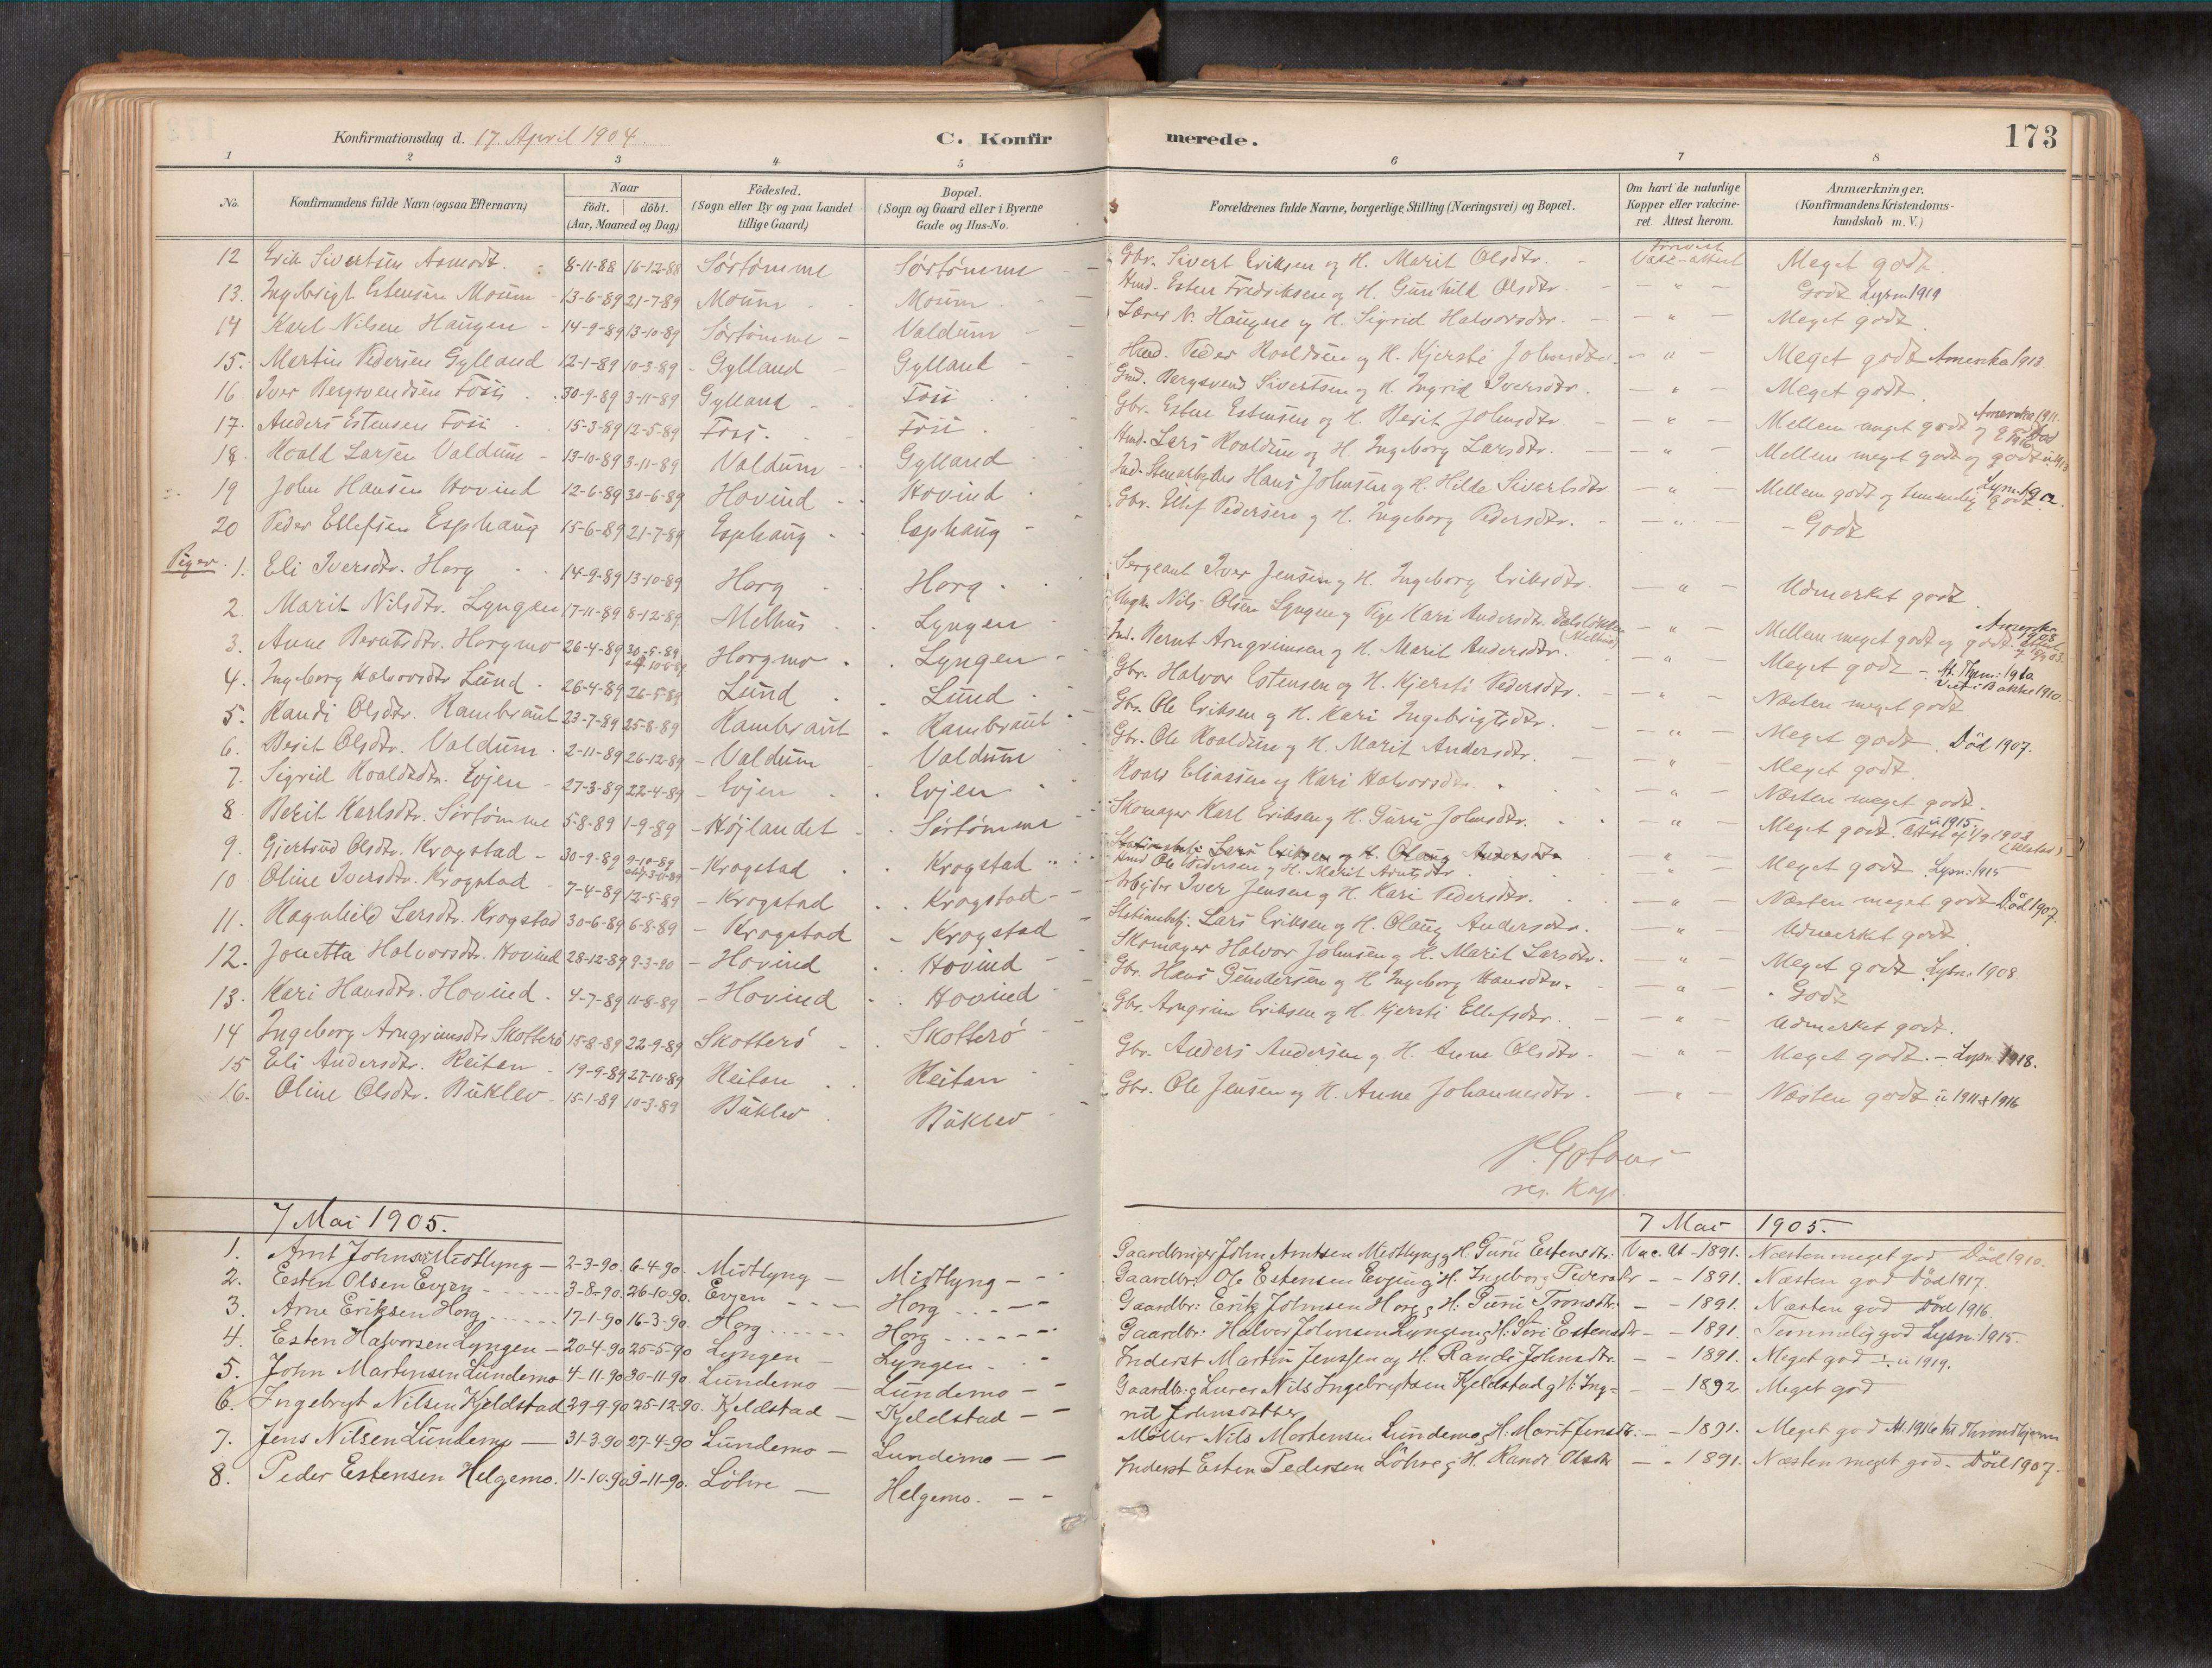 SAT, Ministerialprotokoller, klokkerbøker og fødselsregistre - Sør-Trøndelag, 692/L1105b: Ministerialbok nr. 692A06, 1891-1934, s. 173